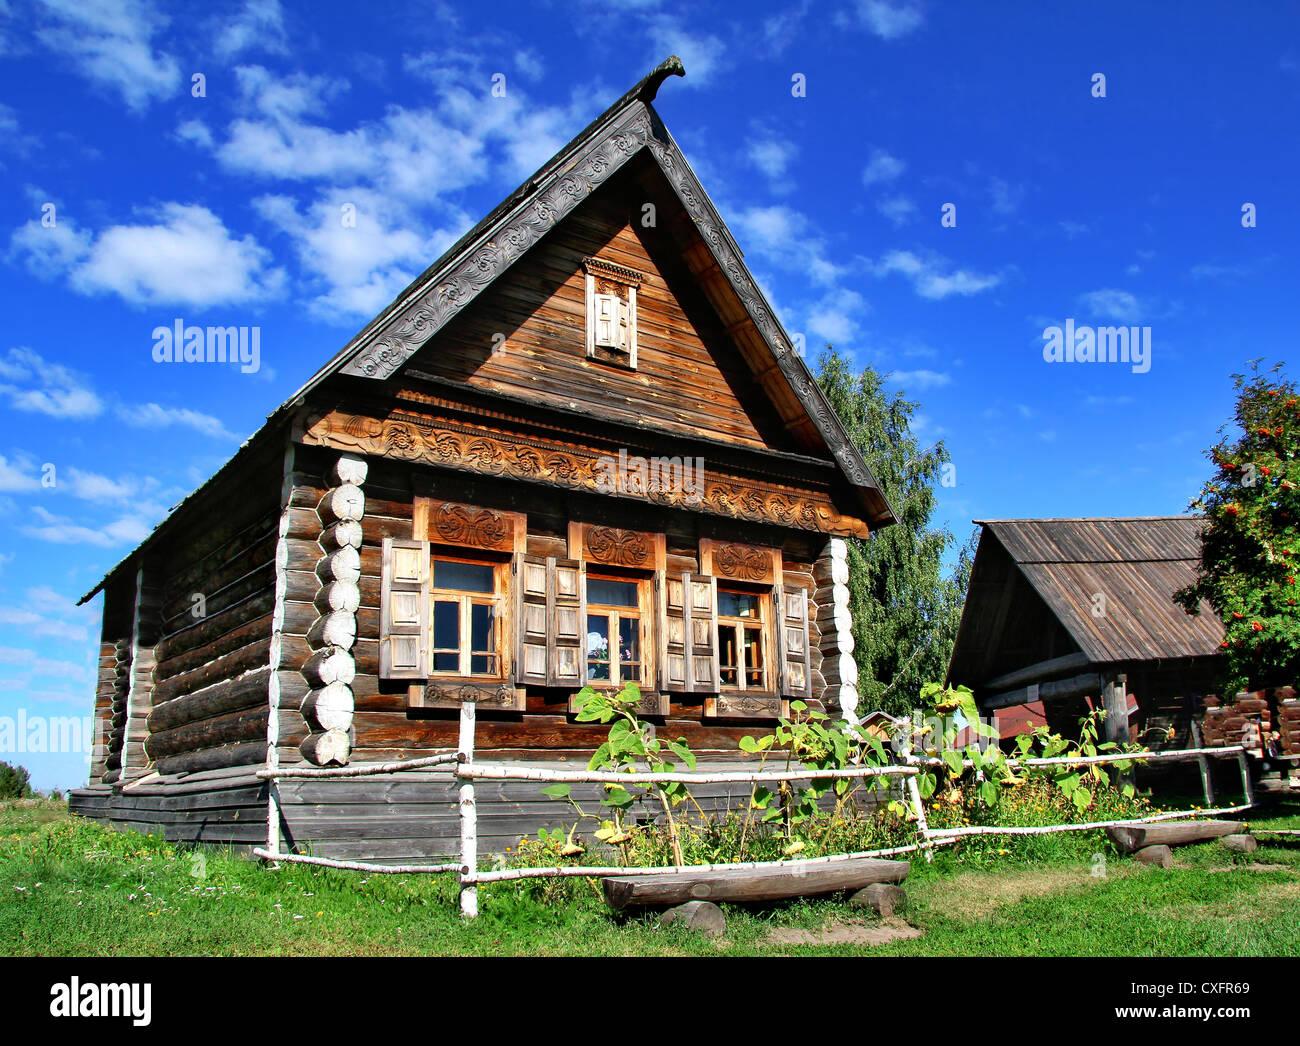 Russische Blockhäuser nationale russische blockhaus izba stockfoto bild 50749281 alamy